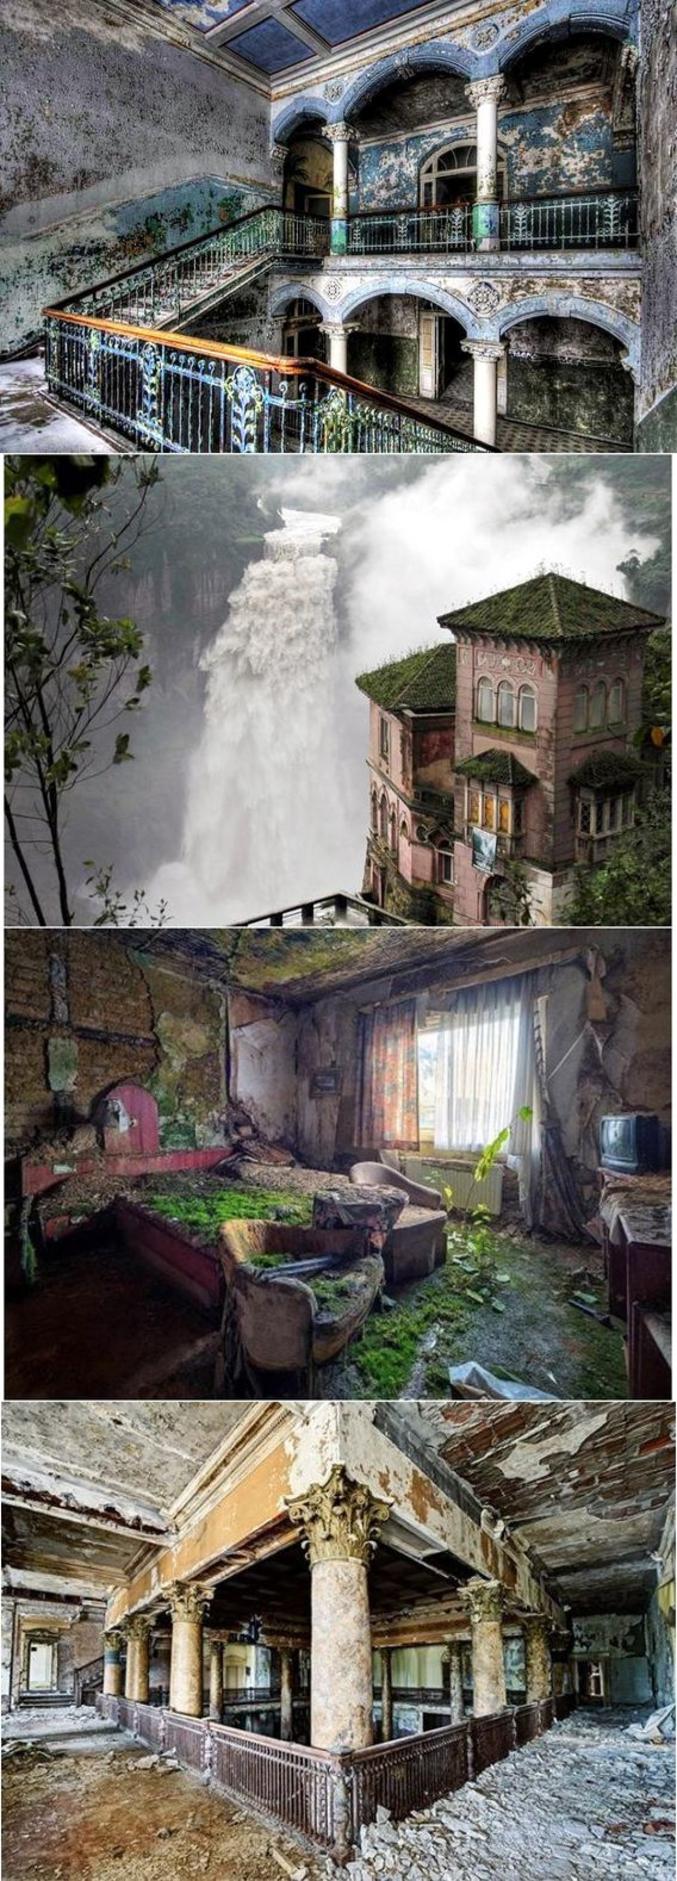 D'abord belle demeure de riches colombiens, puis hôtel de luxe, puis locaux abandonnés quelques années seulement, aujourd'hui musée...